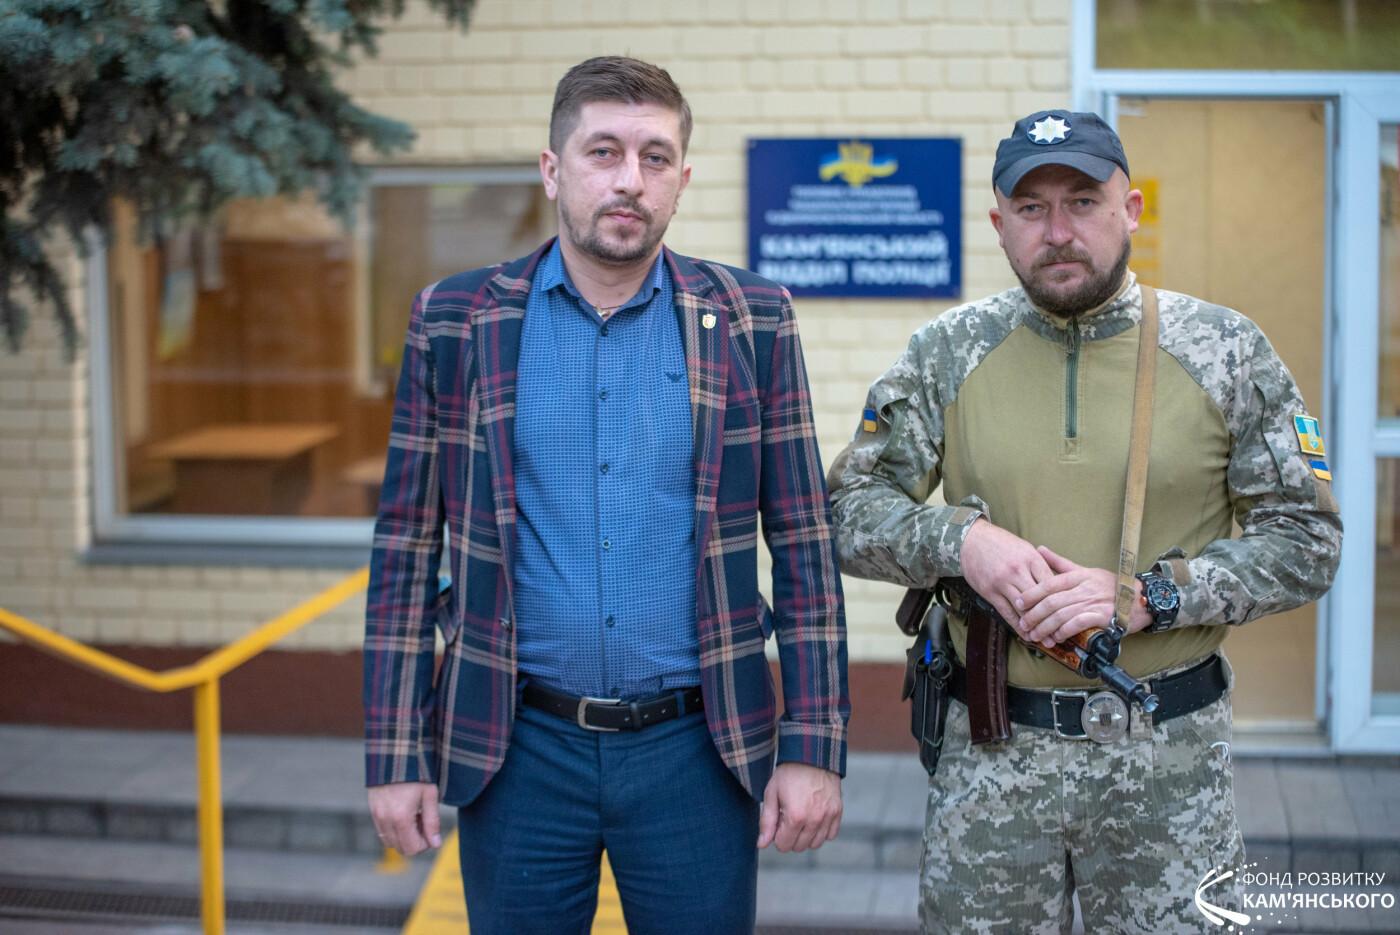 «Фонд Розвитку Кам'янського» підтримав представників поліції, які відправились на службу в зону ООС, фото-2